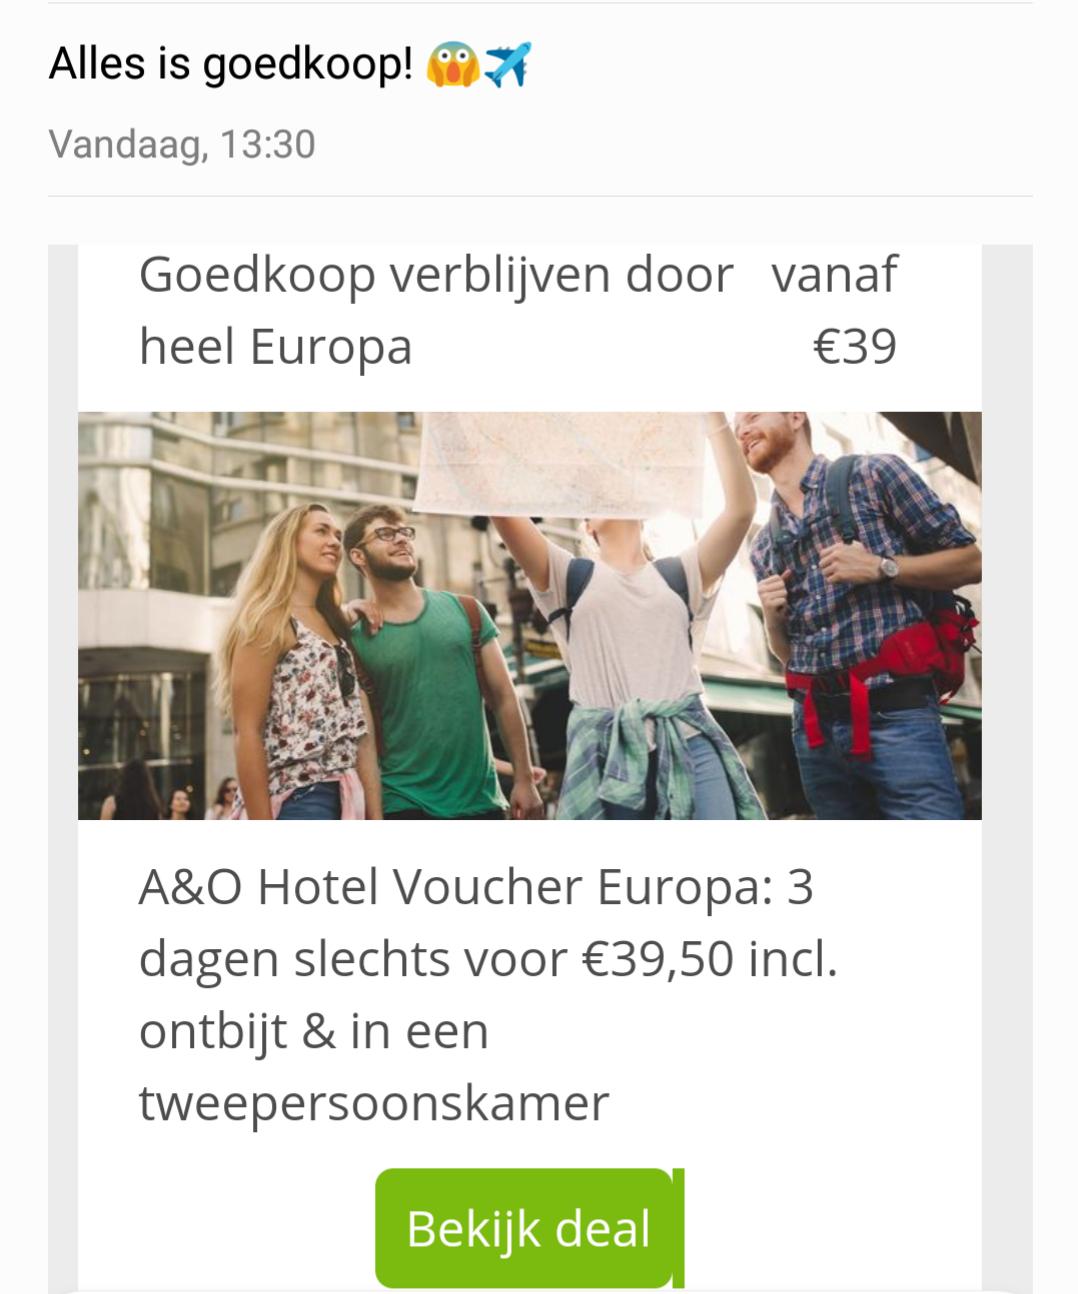 A&O Hotel Voucher Europa: 3 dagen slechts voor €39,50 in een tweepersoonskamer Inclusief ontbijt!